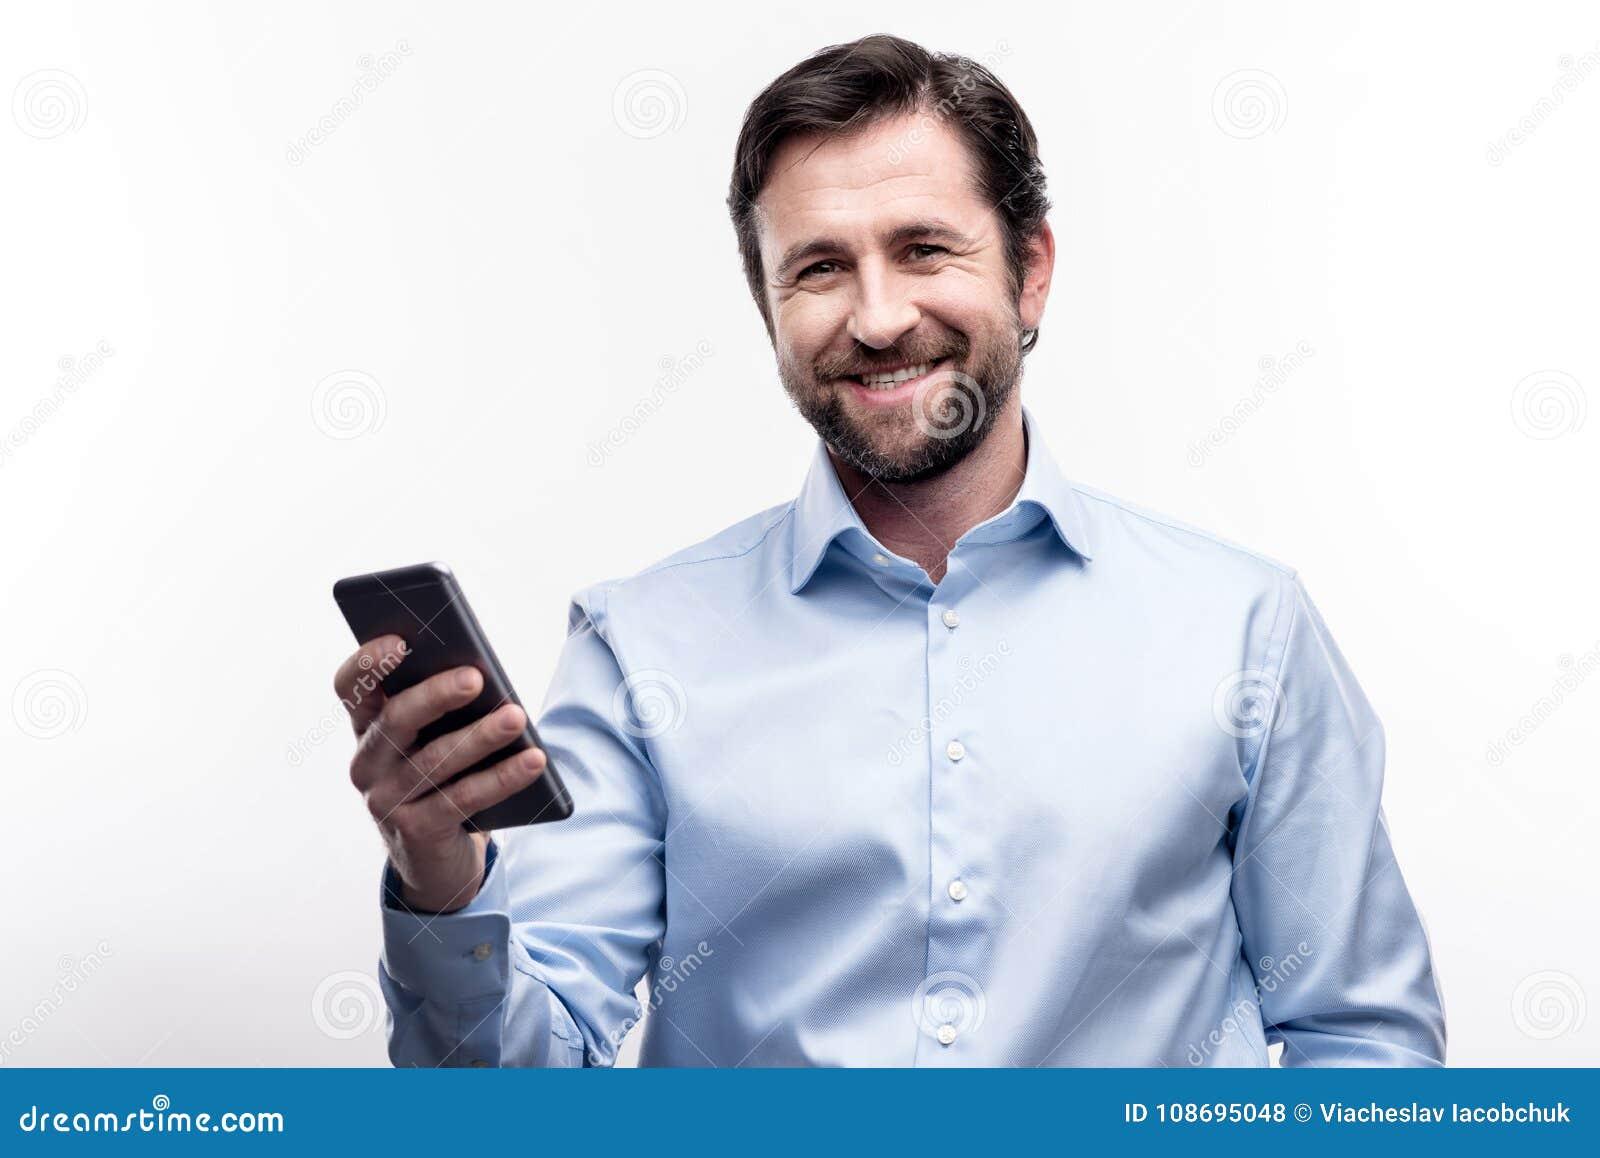 Bärtiger Mann von mittlerem Alter, der mit seinem Handy aufwirft